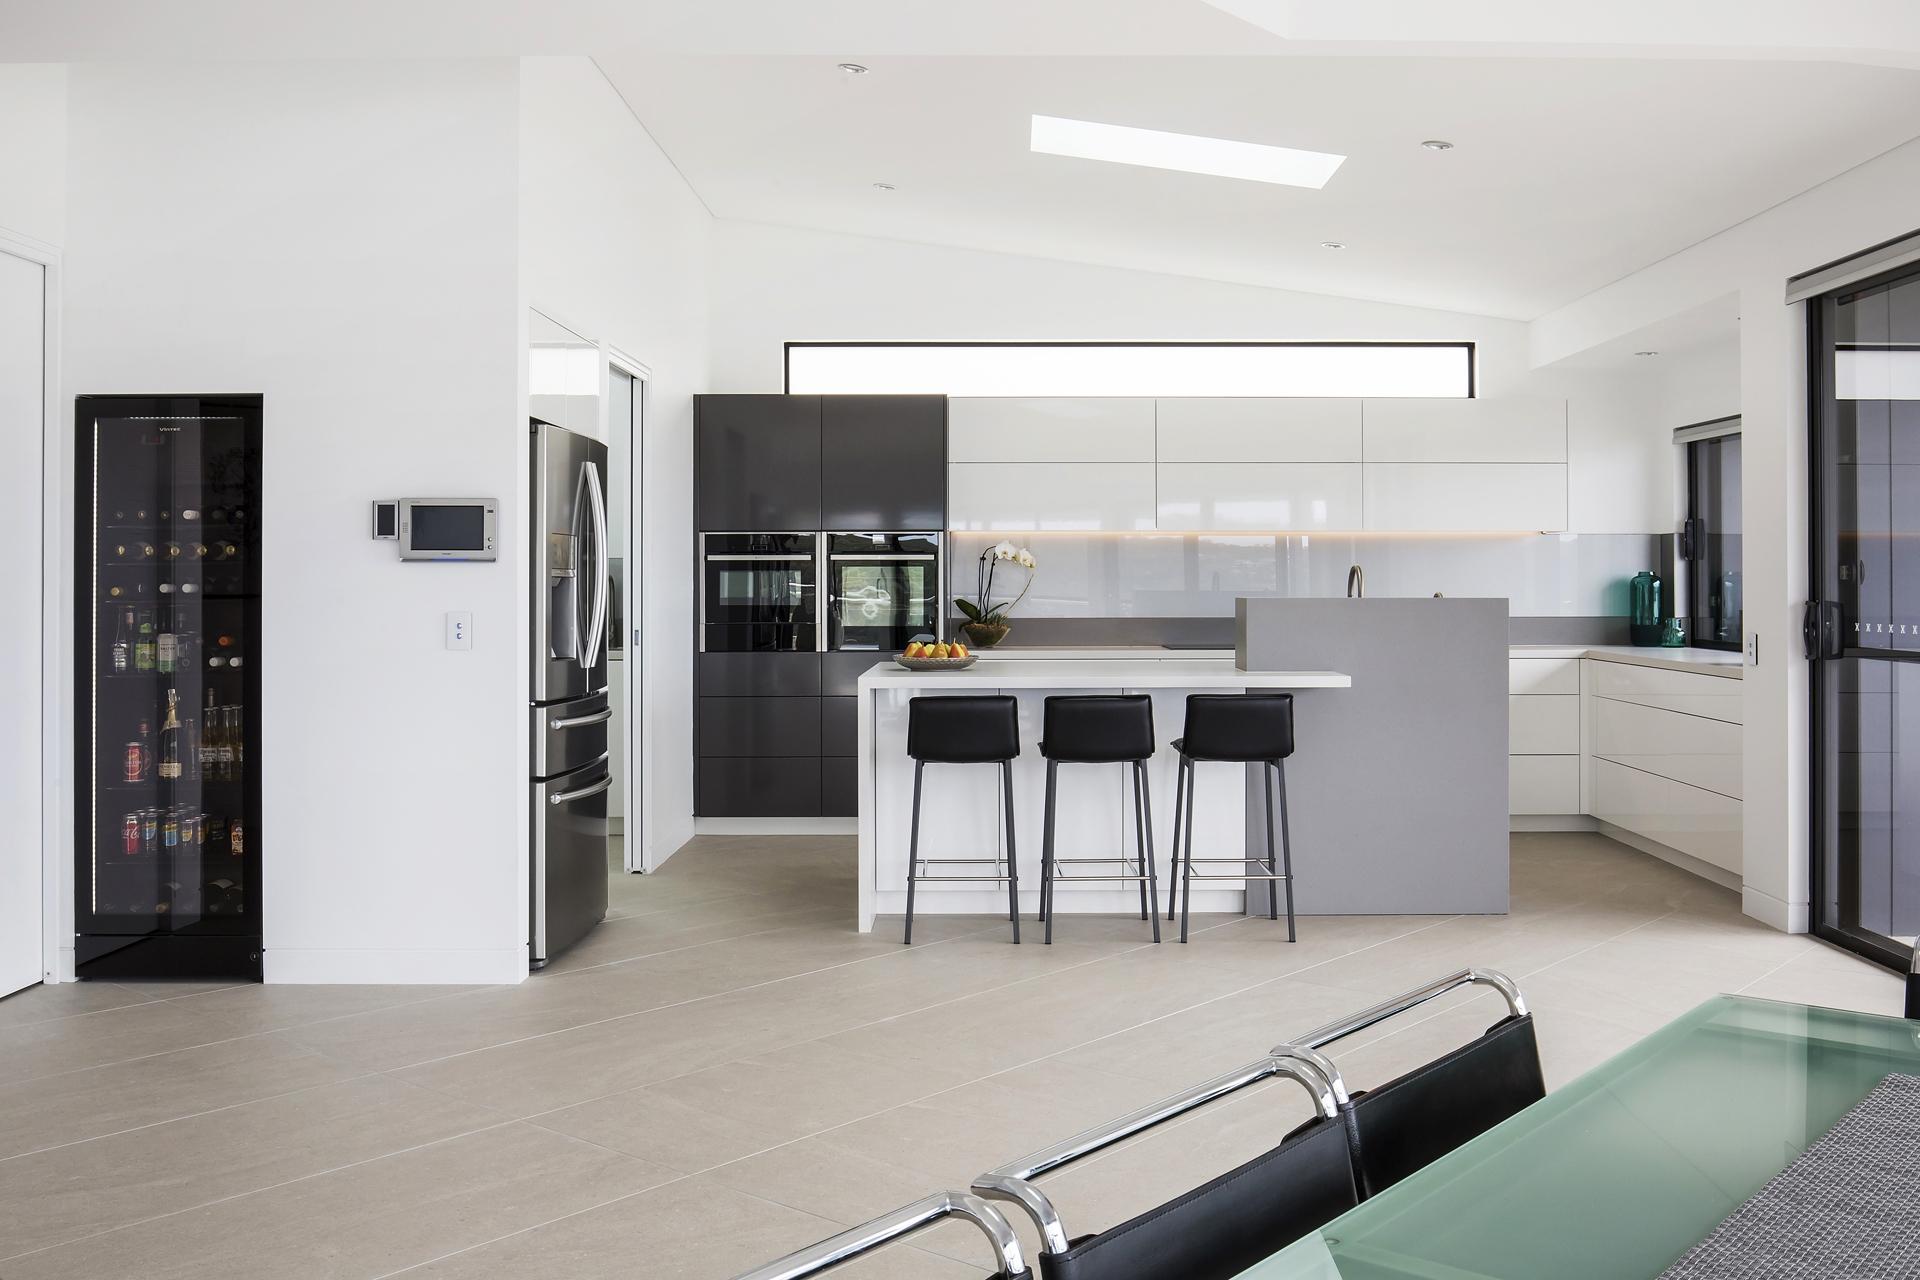 New Kitchen Design Manly (2).jpg